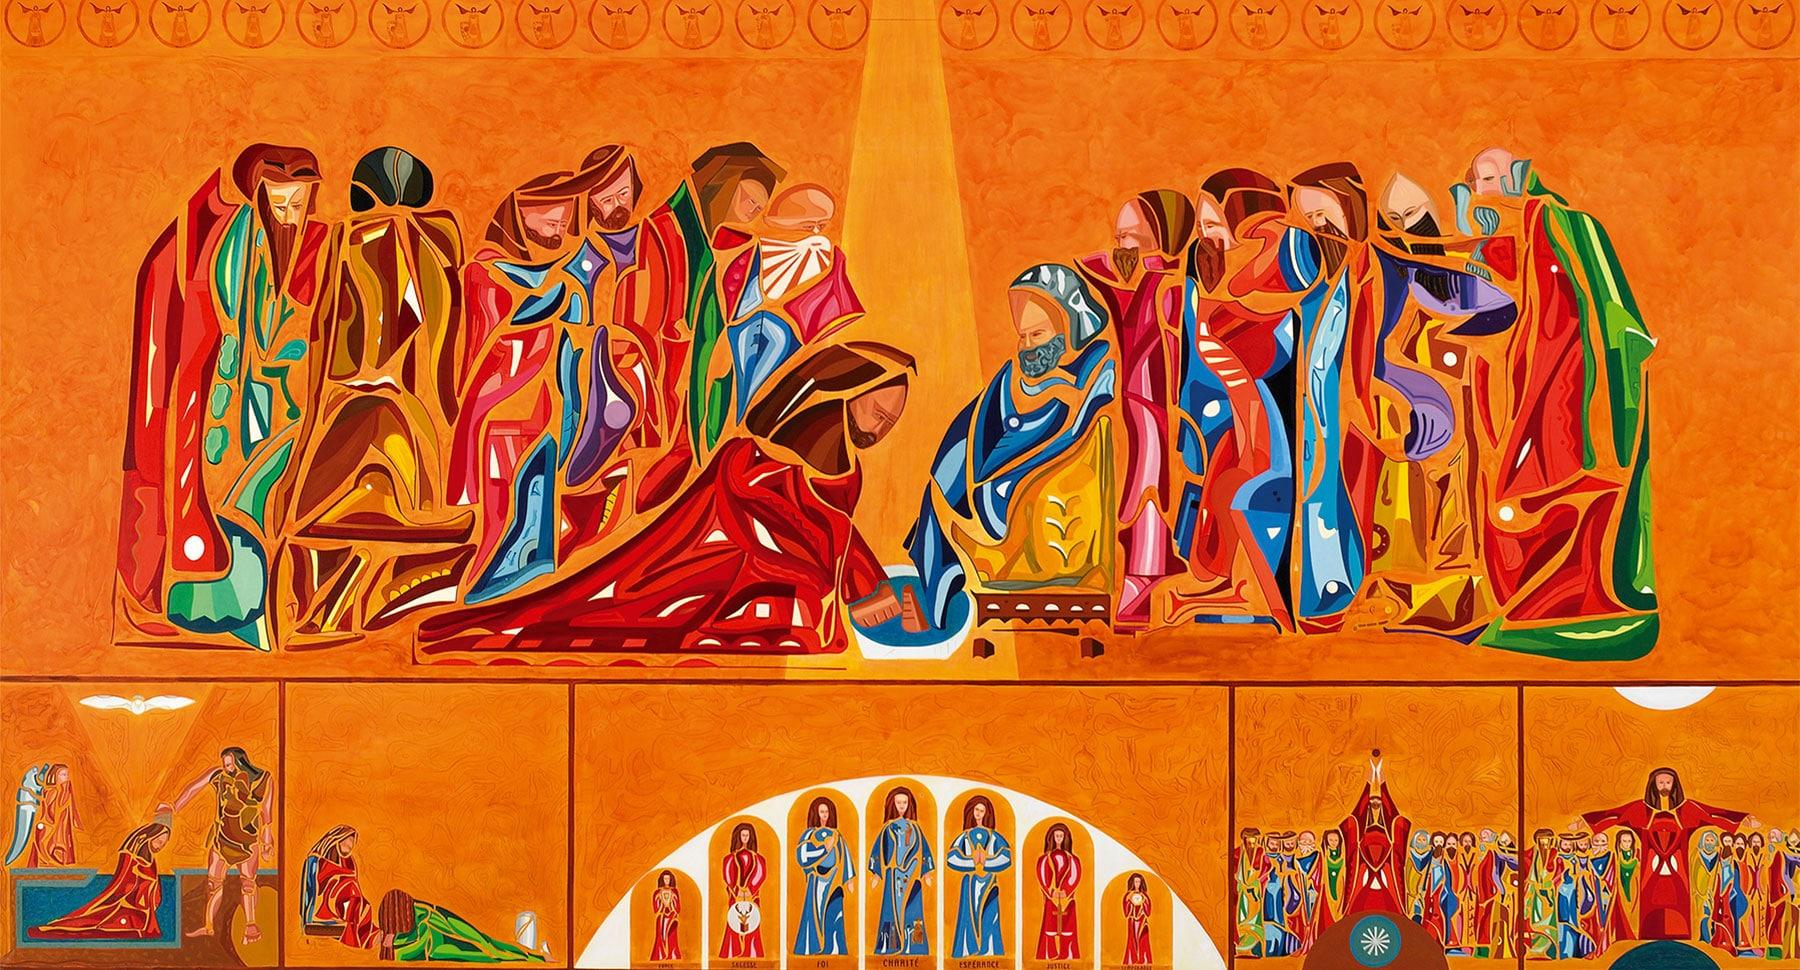 Le lavement des pieds est une peinture réalisée par Guillevic de 6 mètres de long par 4 mètres de hauteur